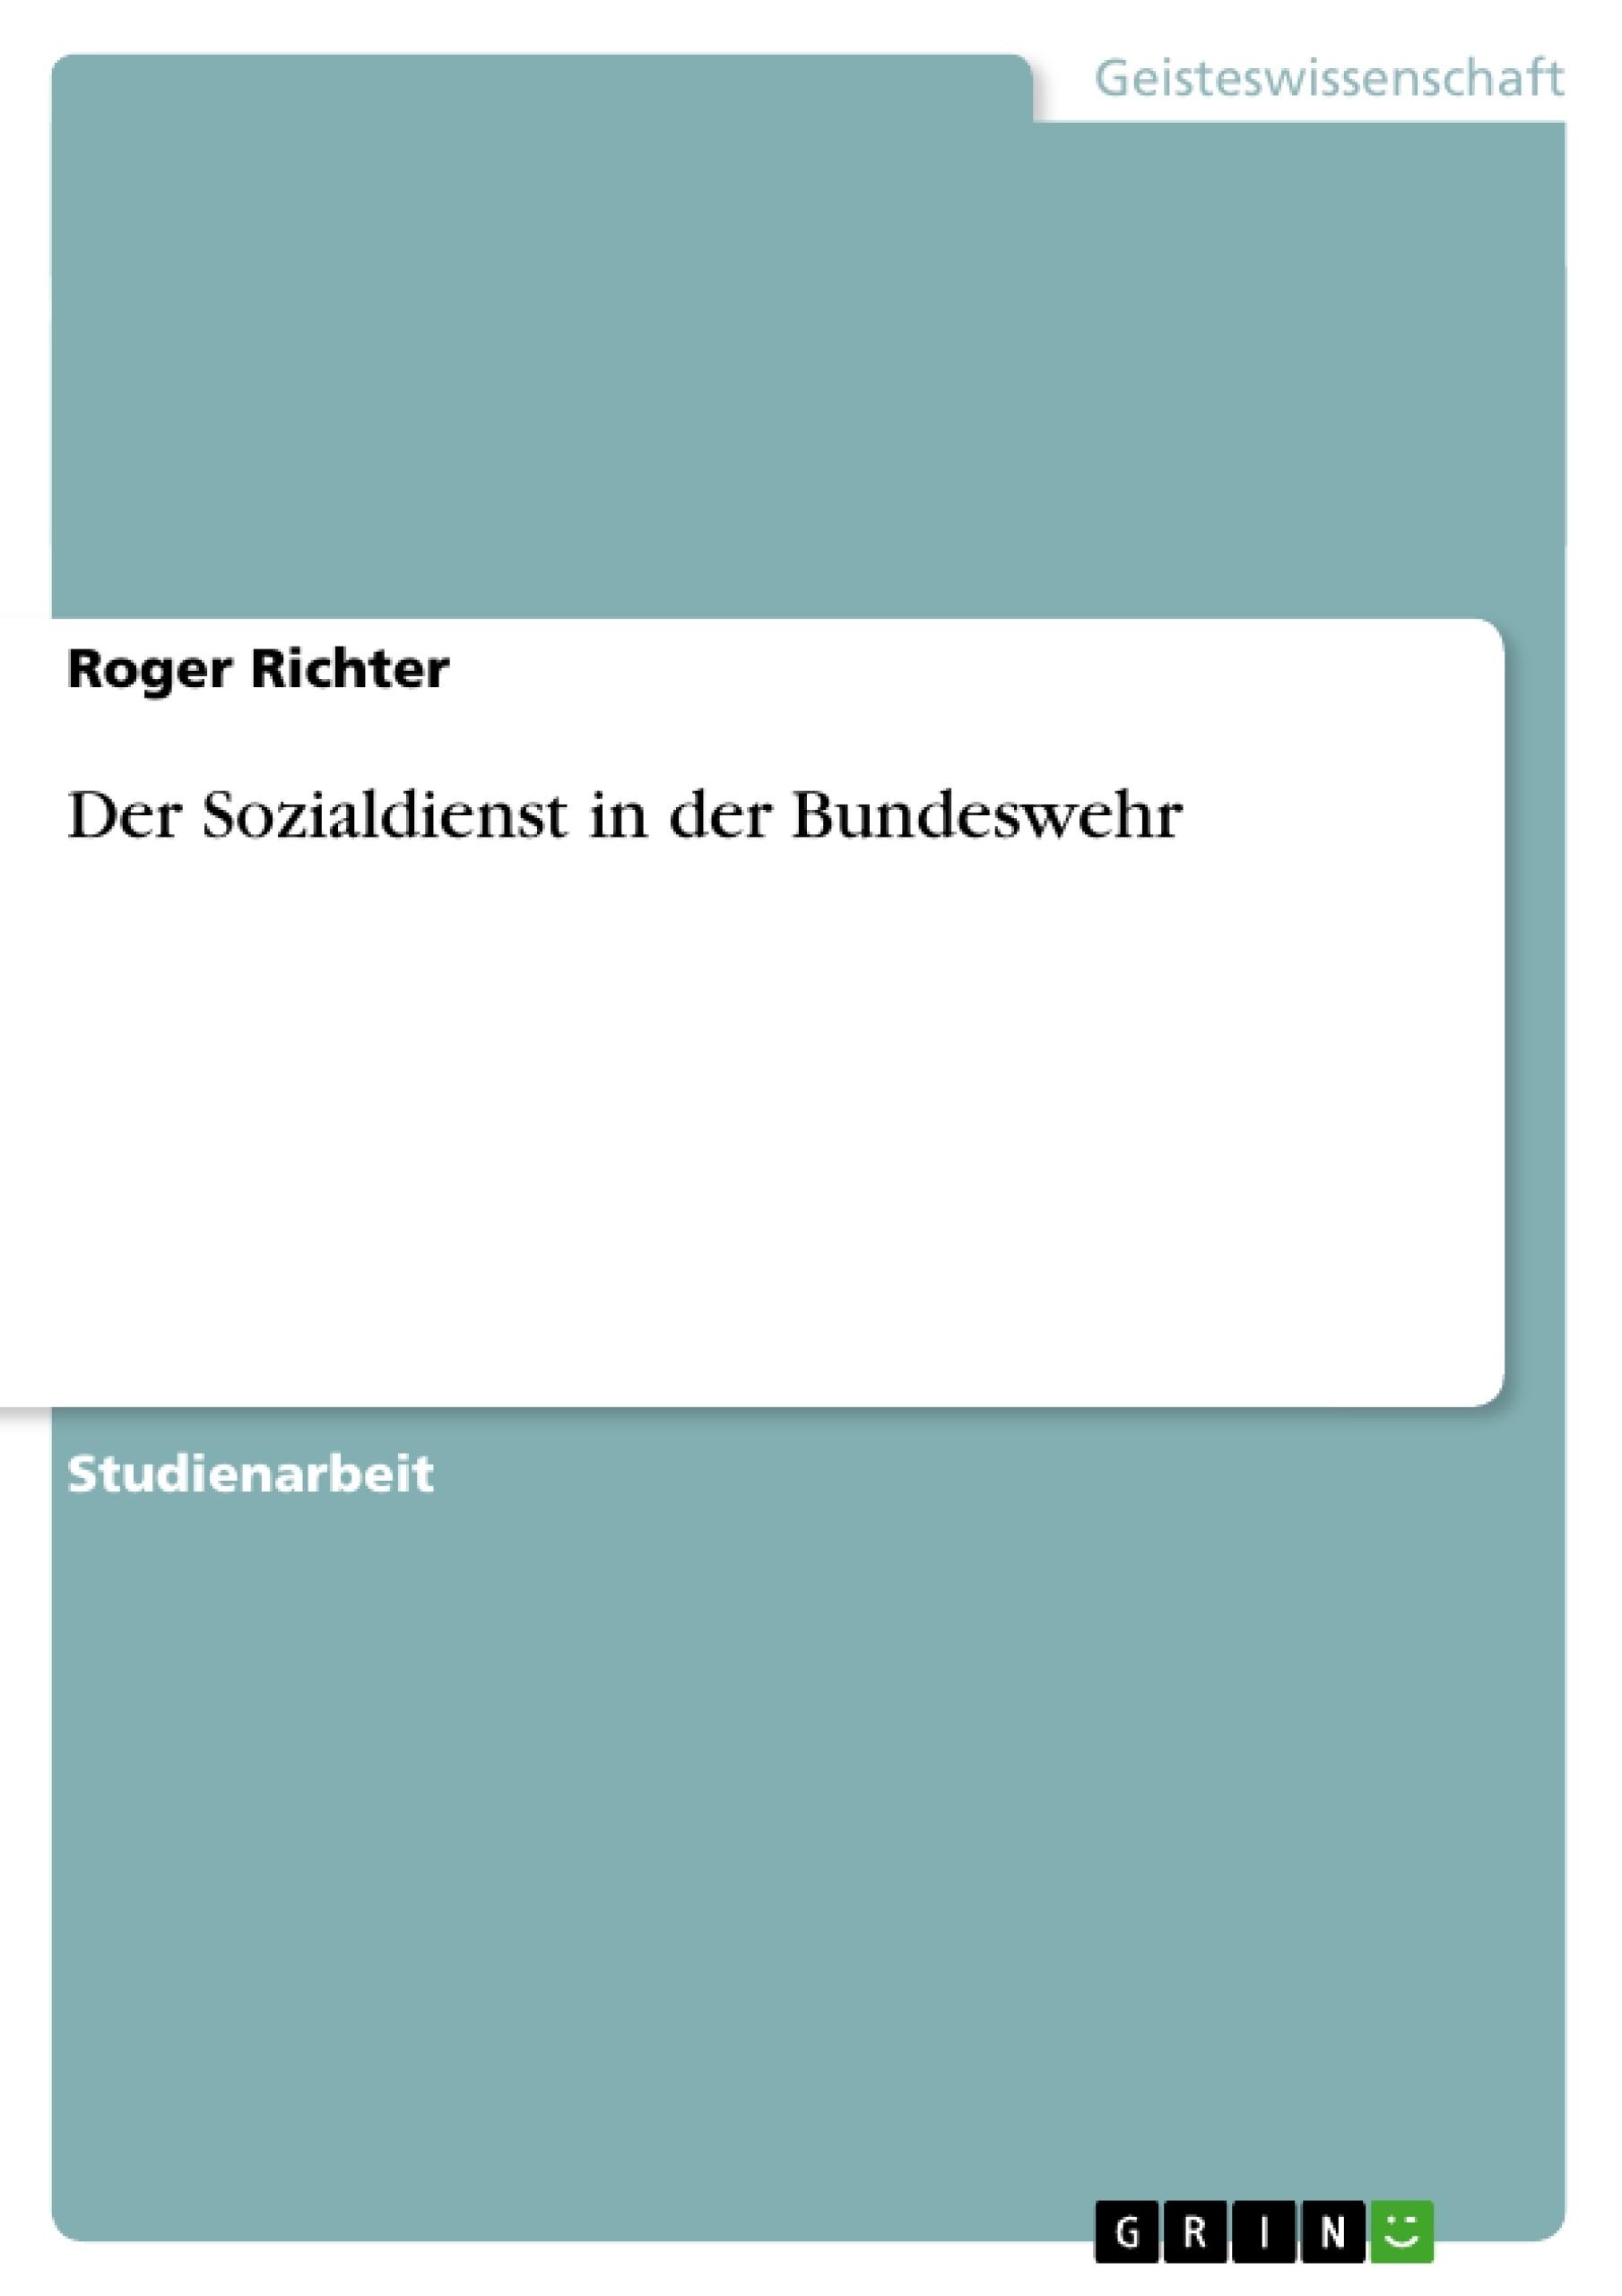 Titel: Der Sozialdienst in der Bundeswehr